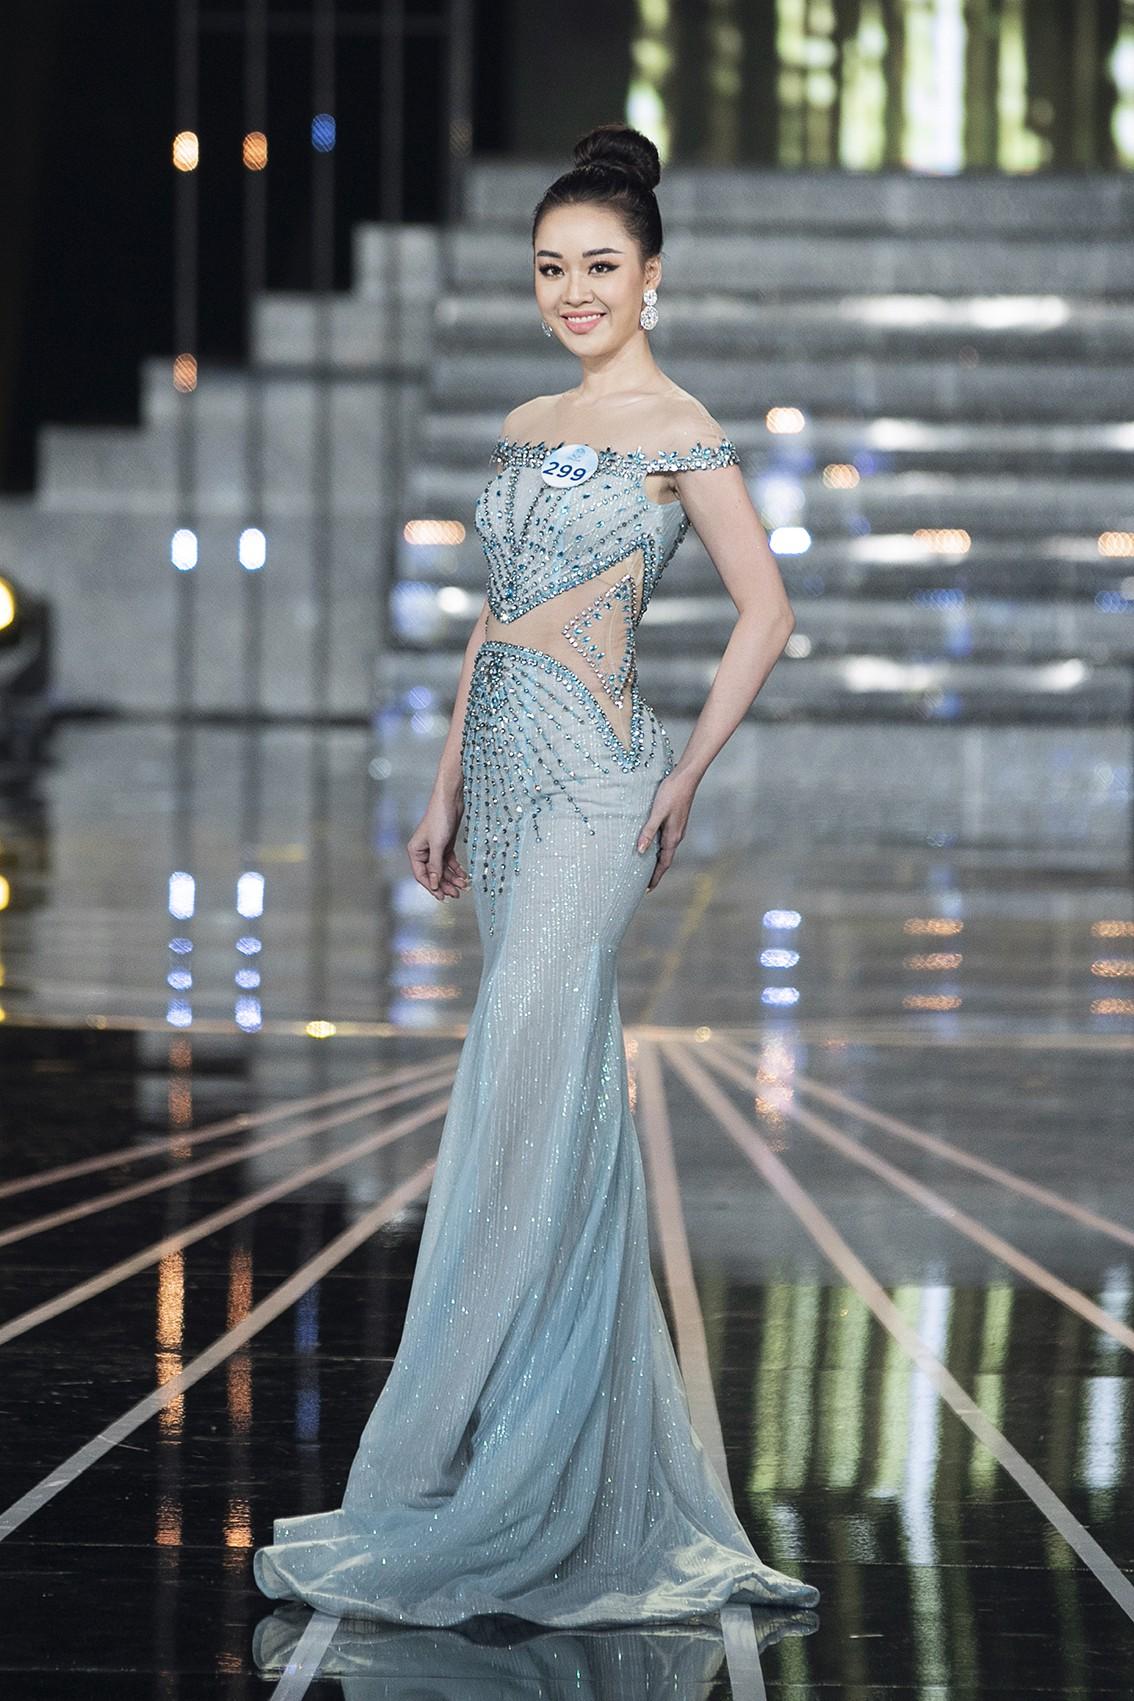 """8 lần đi thi nhan sắc, thí sinh Miss World Việt Nam tự tin tuyên bố: """"Tôi không bao giờ bỏ cuộc - Ảnh 5."""